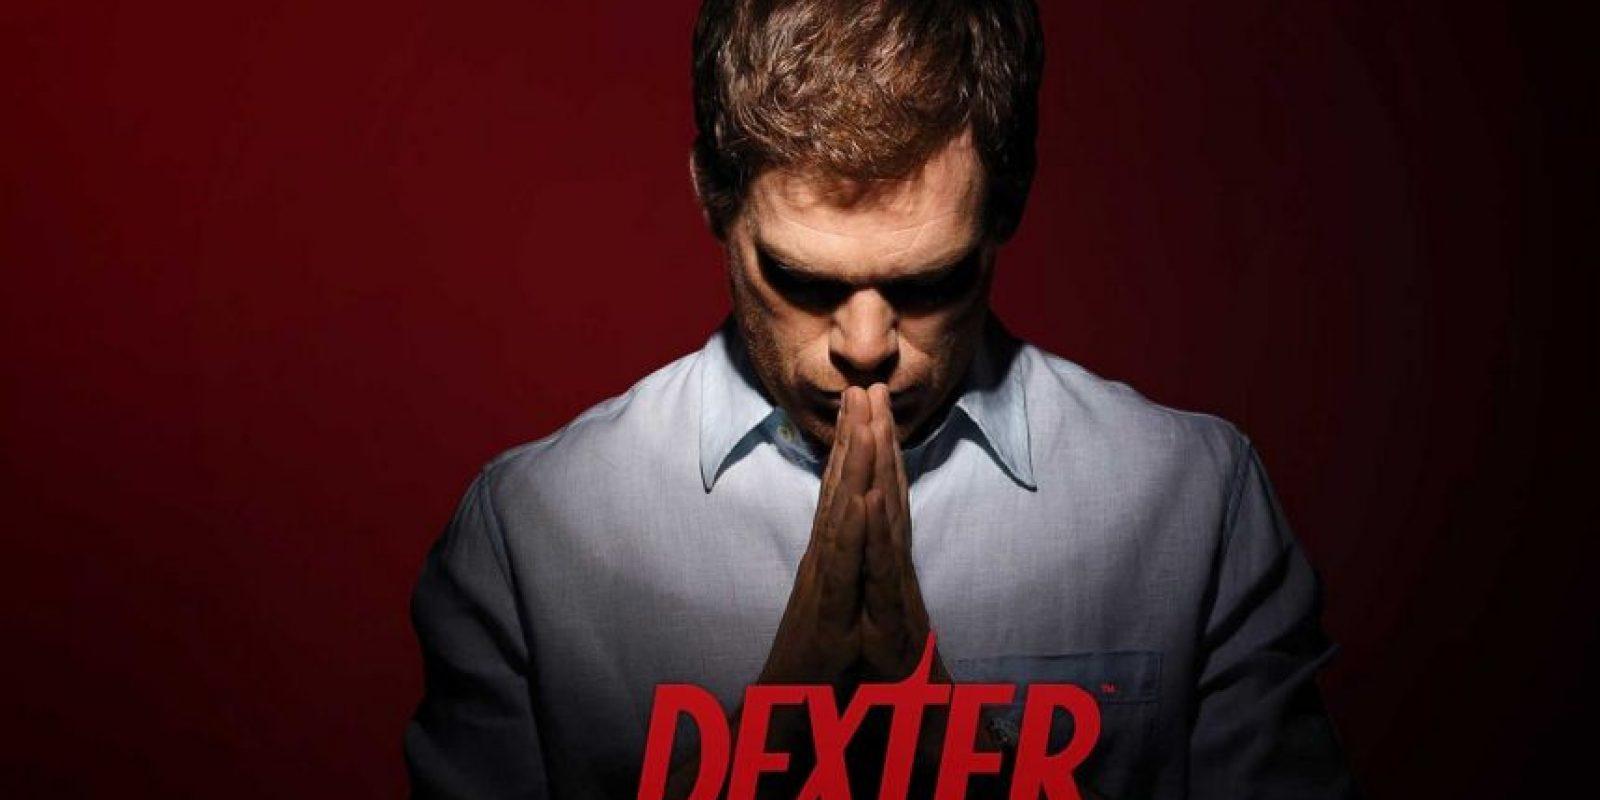 """Intenso """"thriller"""" norteamericano sobre un joven que siente impulsos violentos hacia otros y no se detiene hasta saciar su sed Foto:Showtime"""